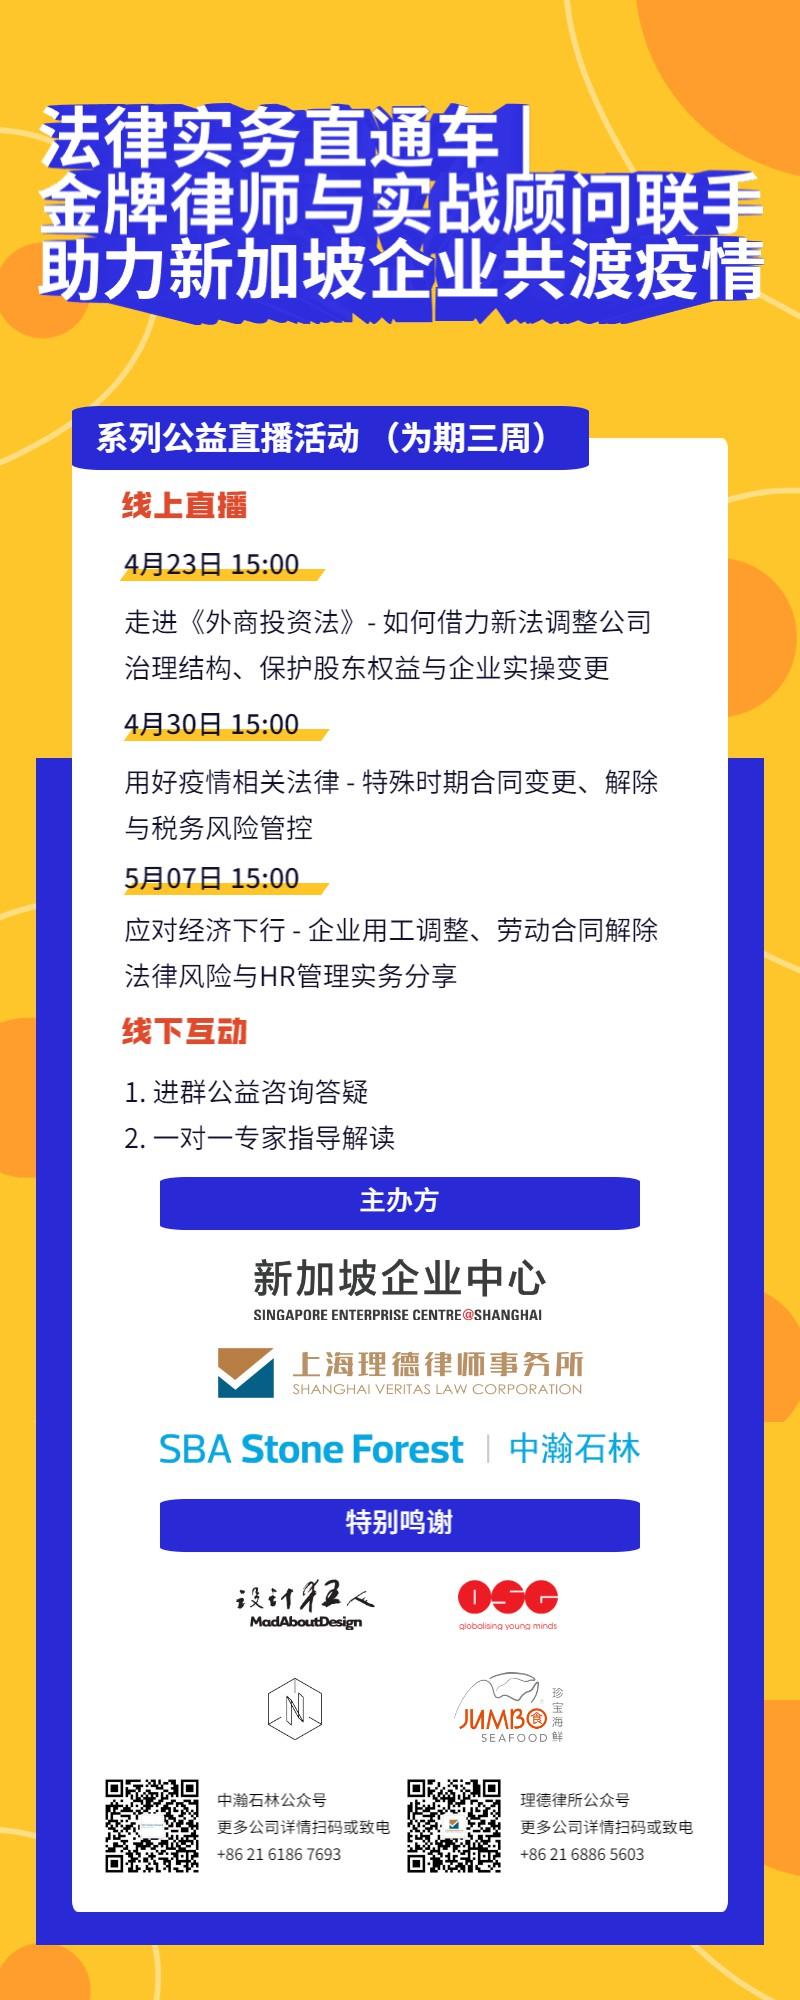 理徳律师事务所携手中瀚石林、新加坡企业中心推出系列公益课程